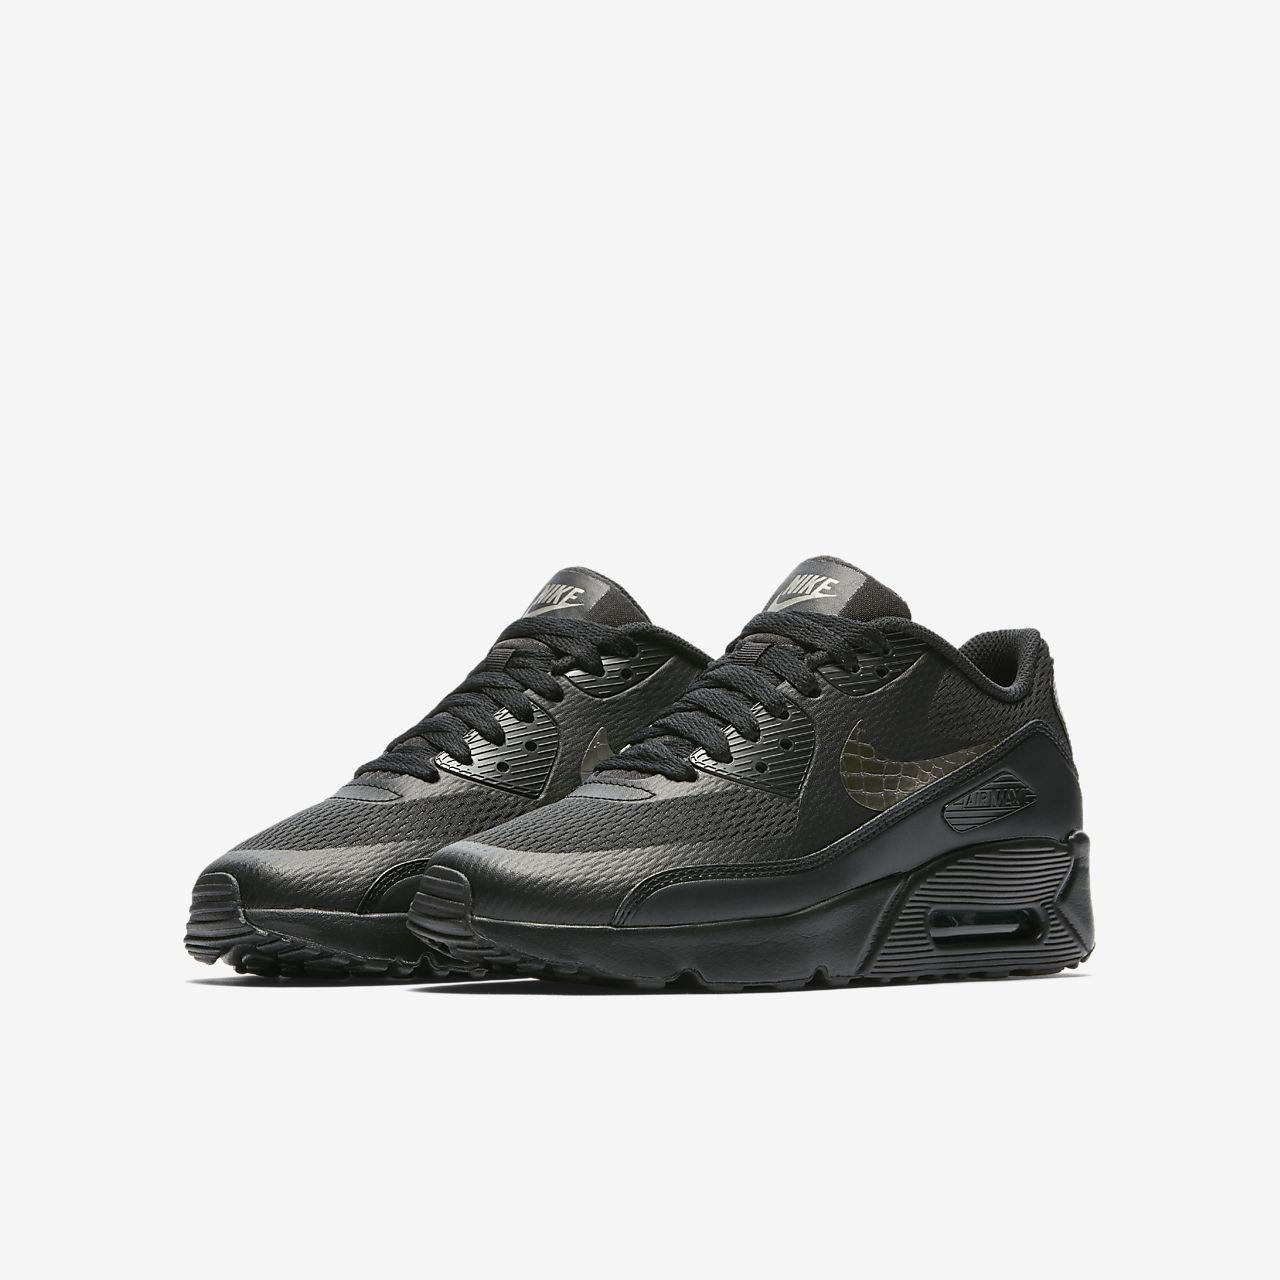 scarpe nike ragazzo 2018 air max